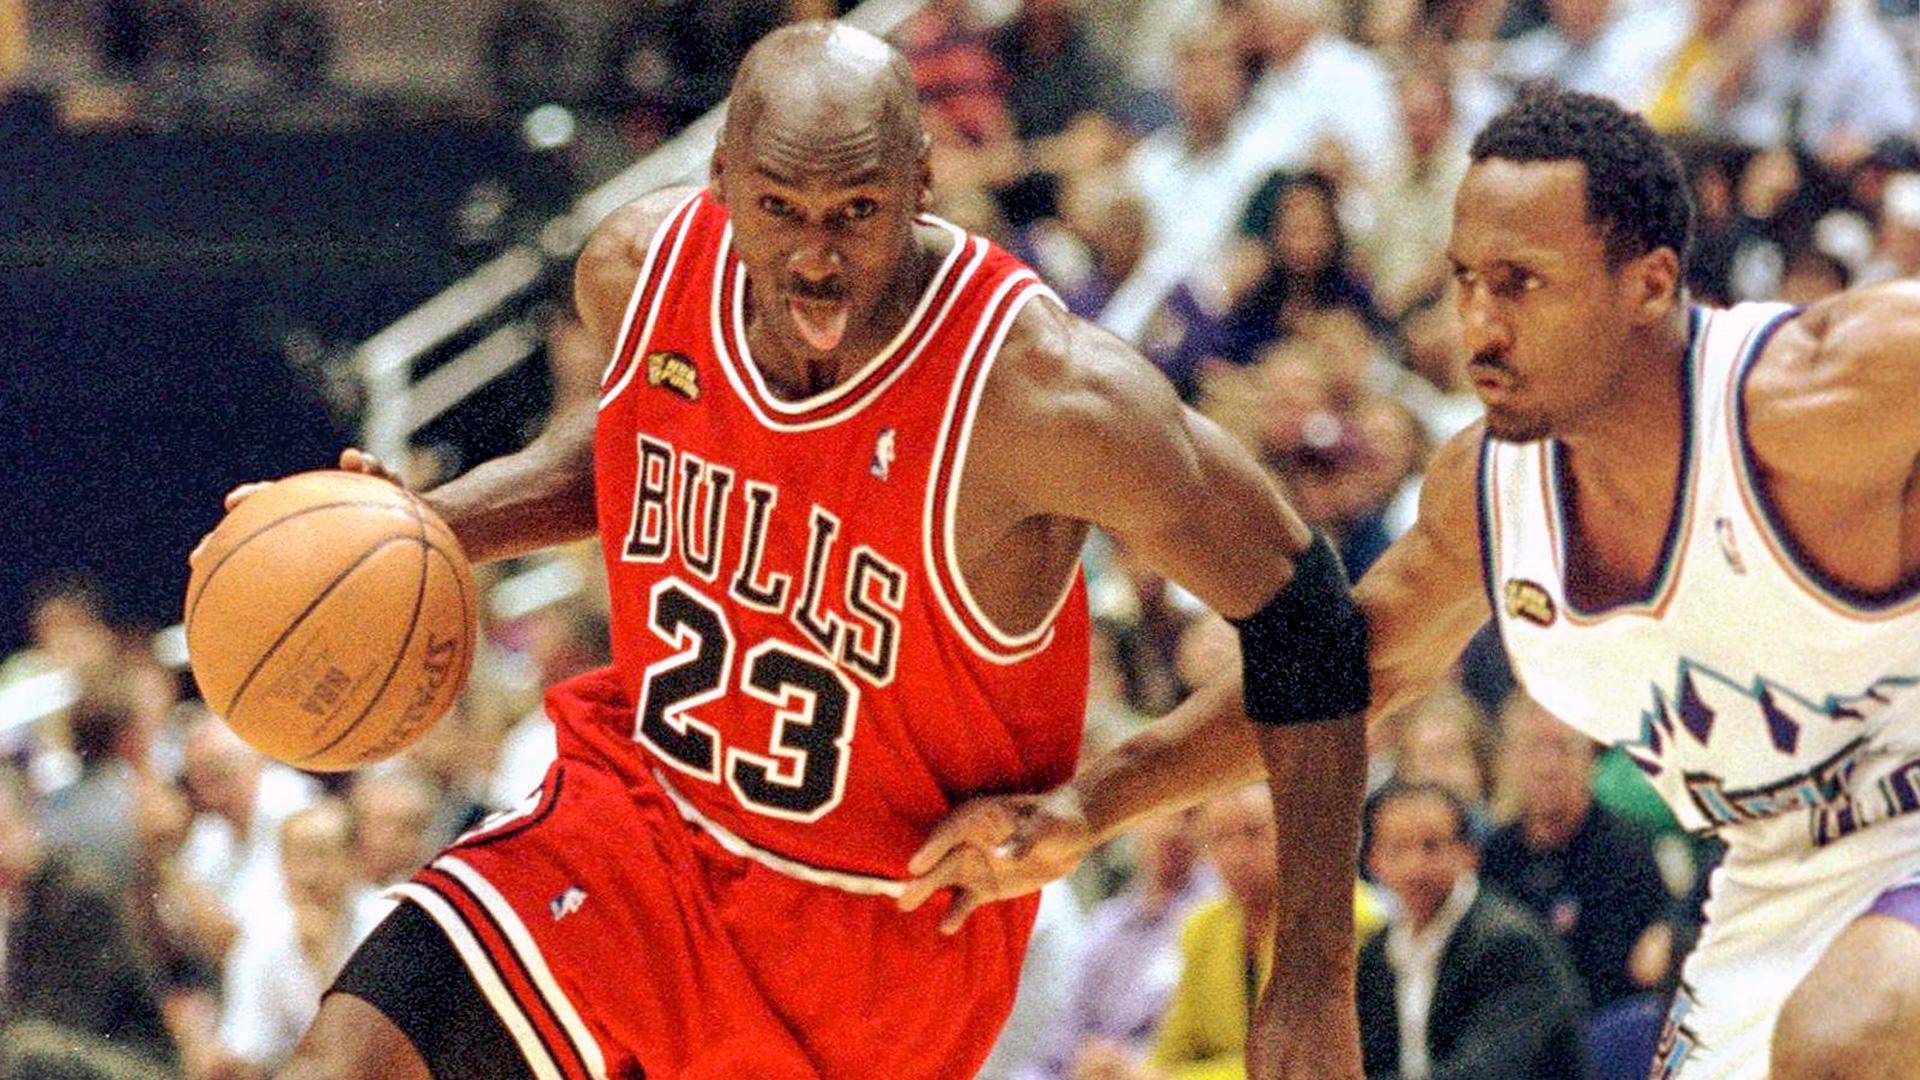 Michael Jordan contra LeBron James, drama de Dennis Rodman y más: 10 grandes preguntas antes de 'The Last Dance' 49